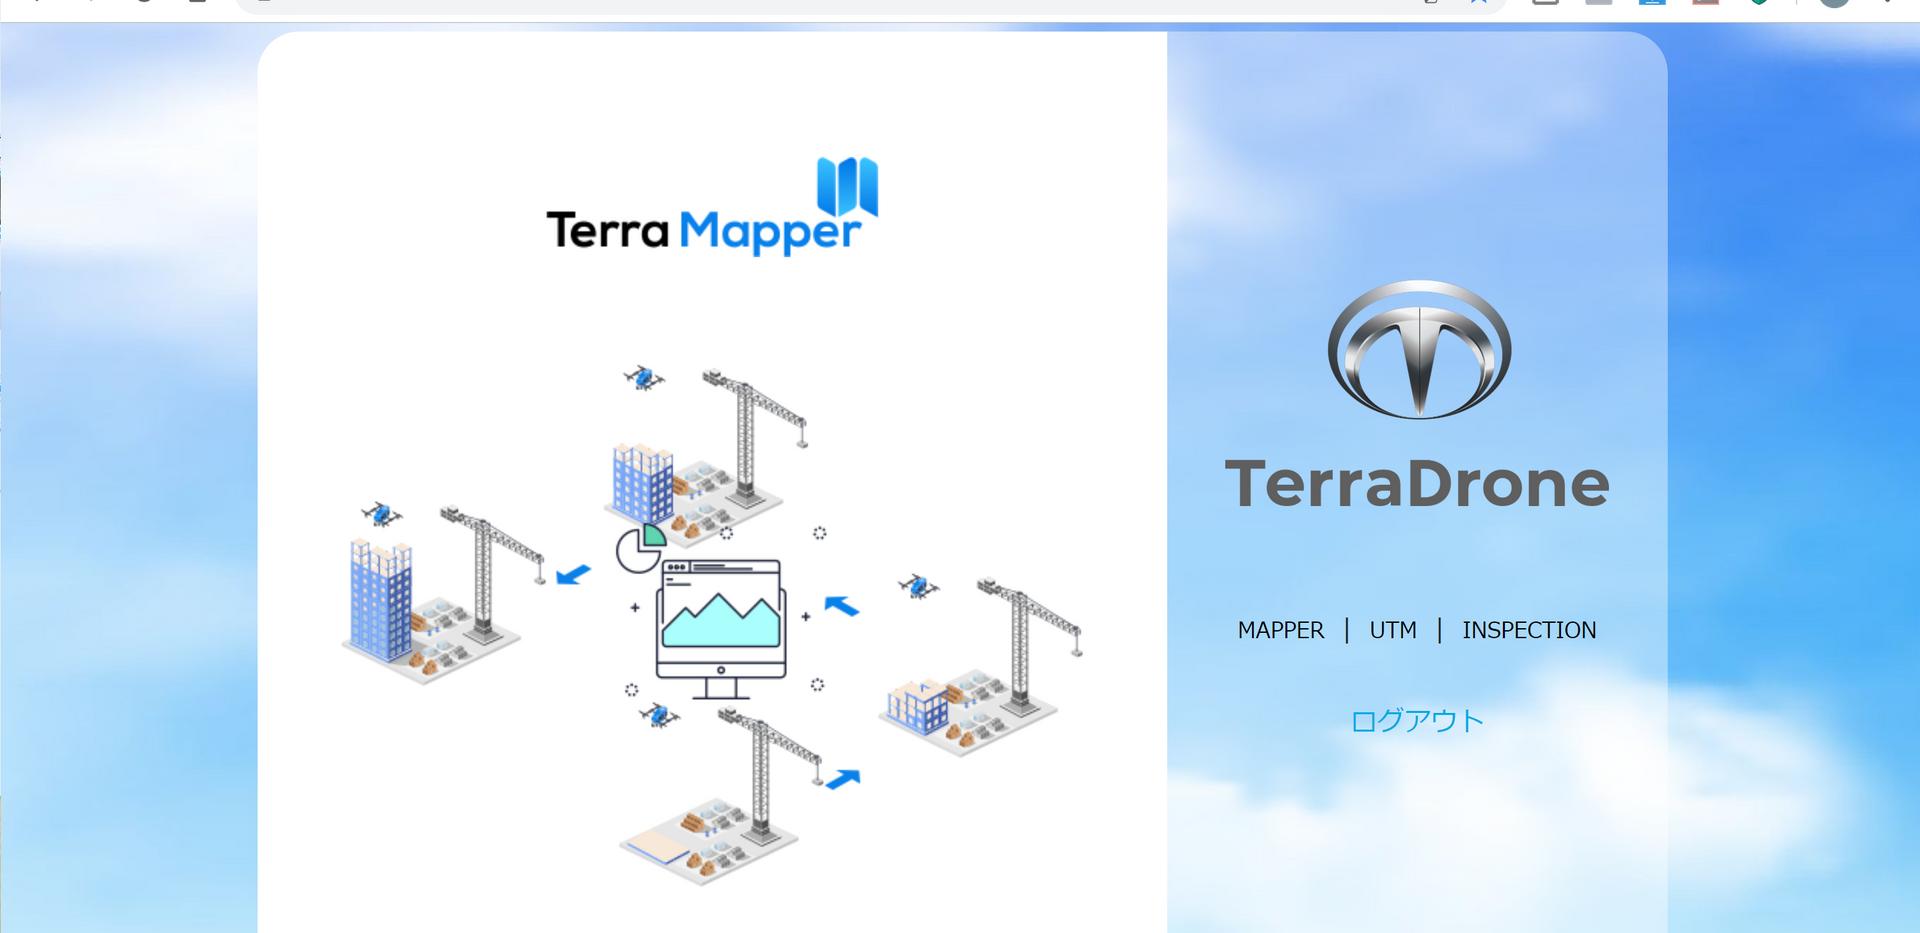 terra mapper画面